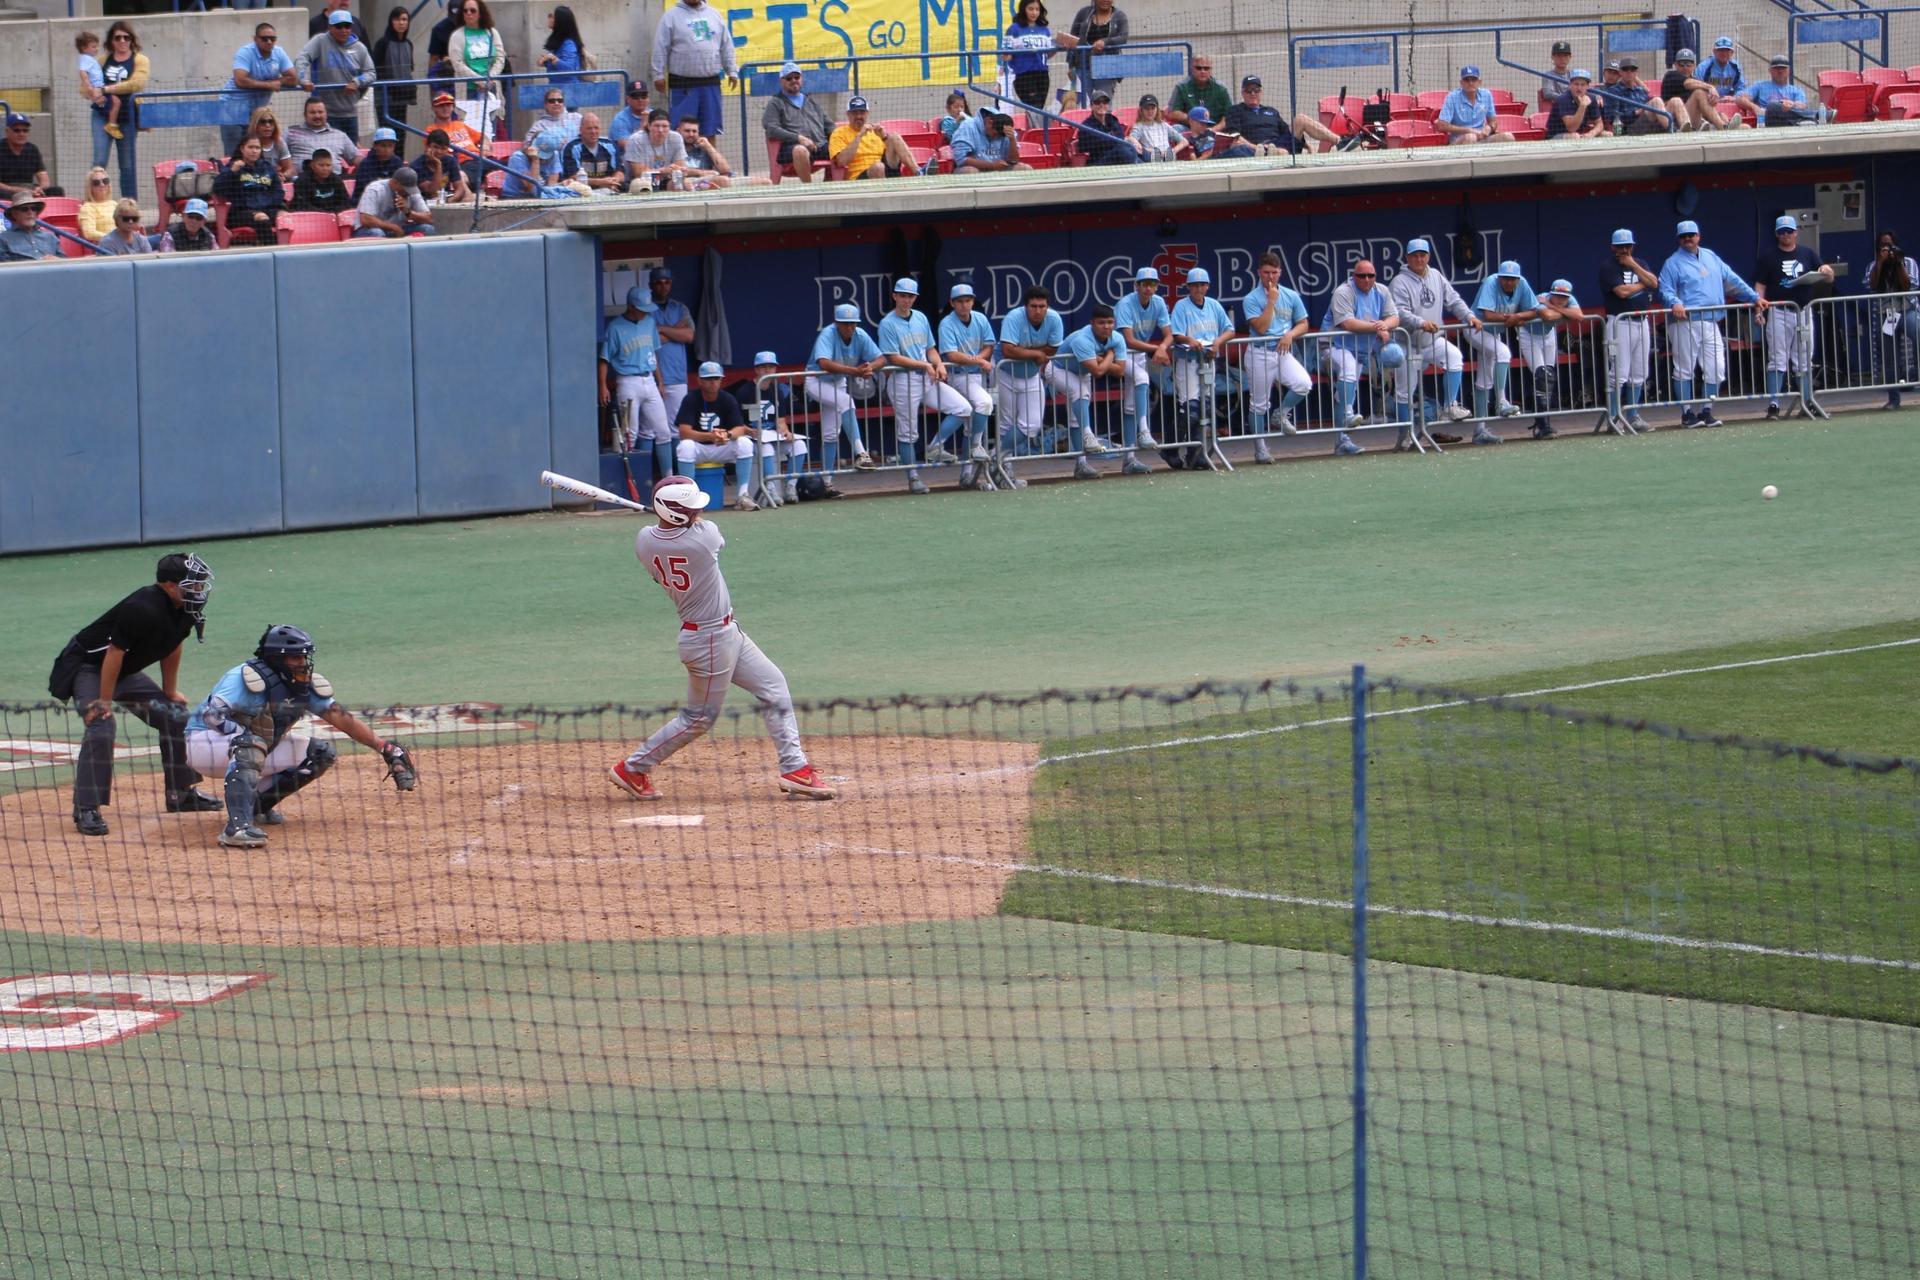 Austin Hickman bats